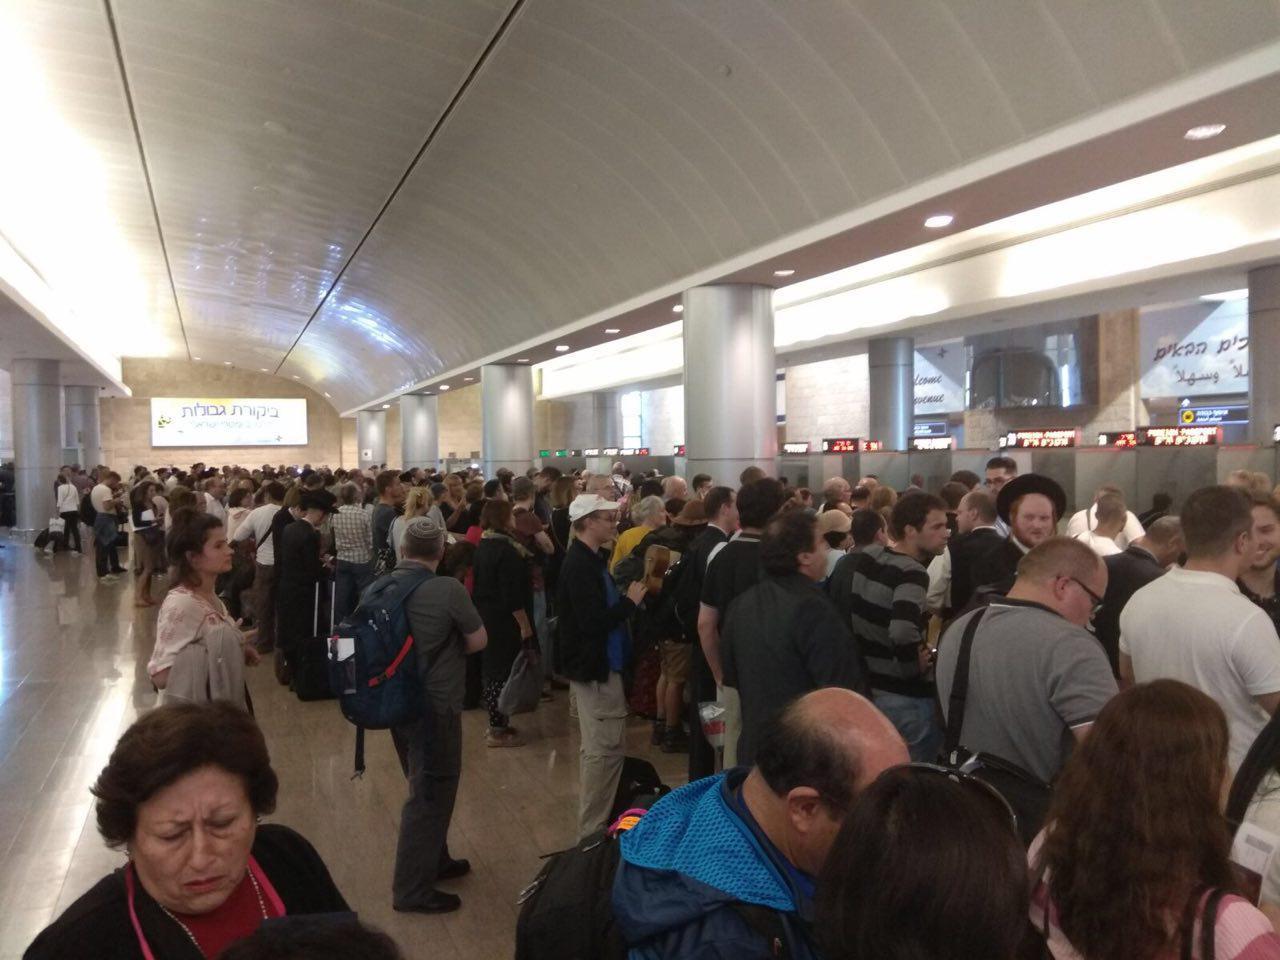 כ-3.3 מיליון תיירים הגיעו לכאן בשנה החולפת (צילום: עמית קוטלר)